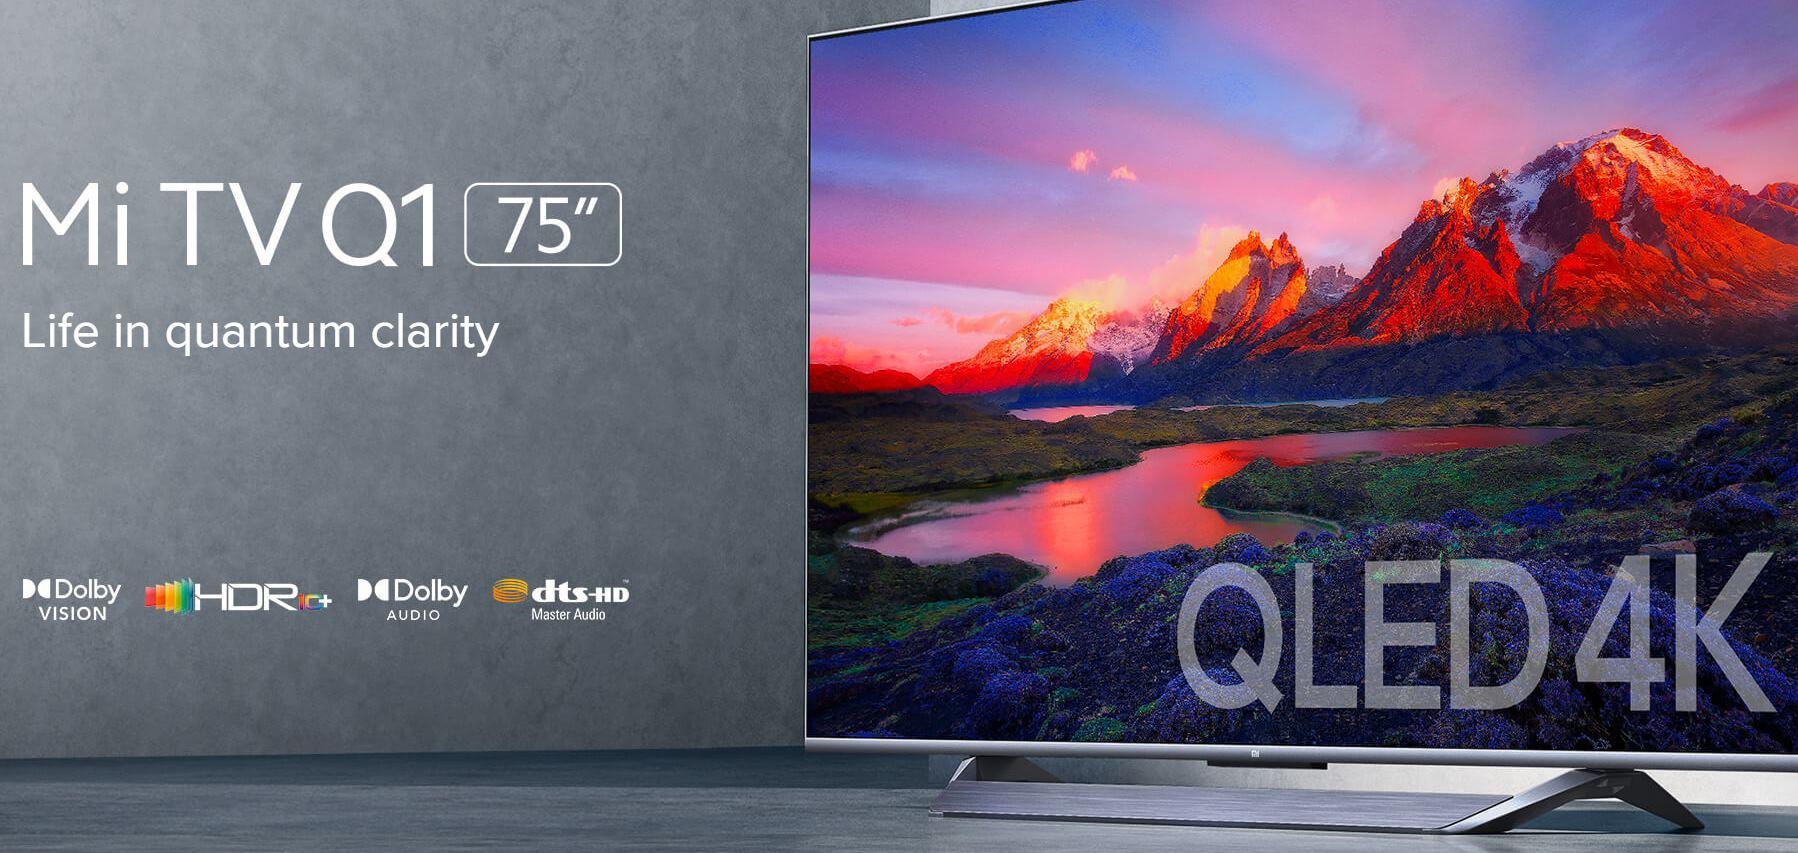 Así es la TV QLED barata de 75 pulgadas de Xiaomi